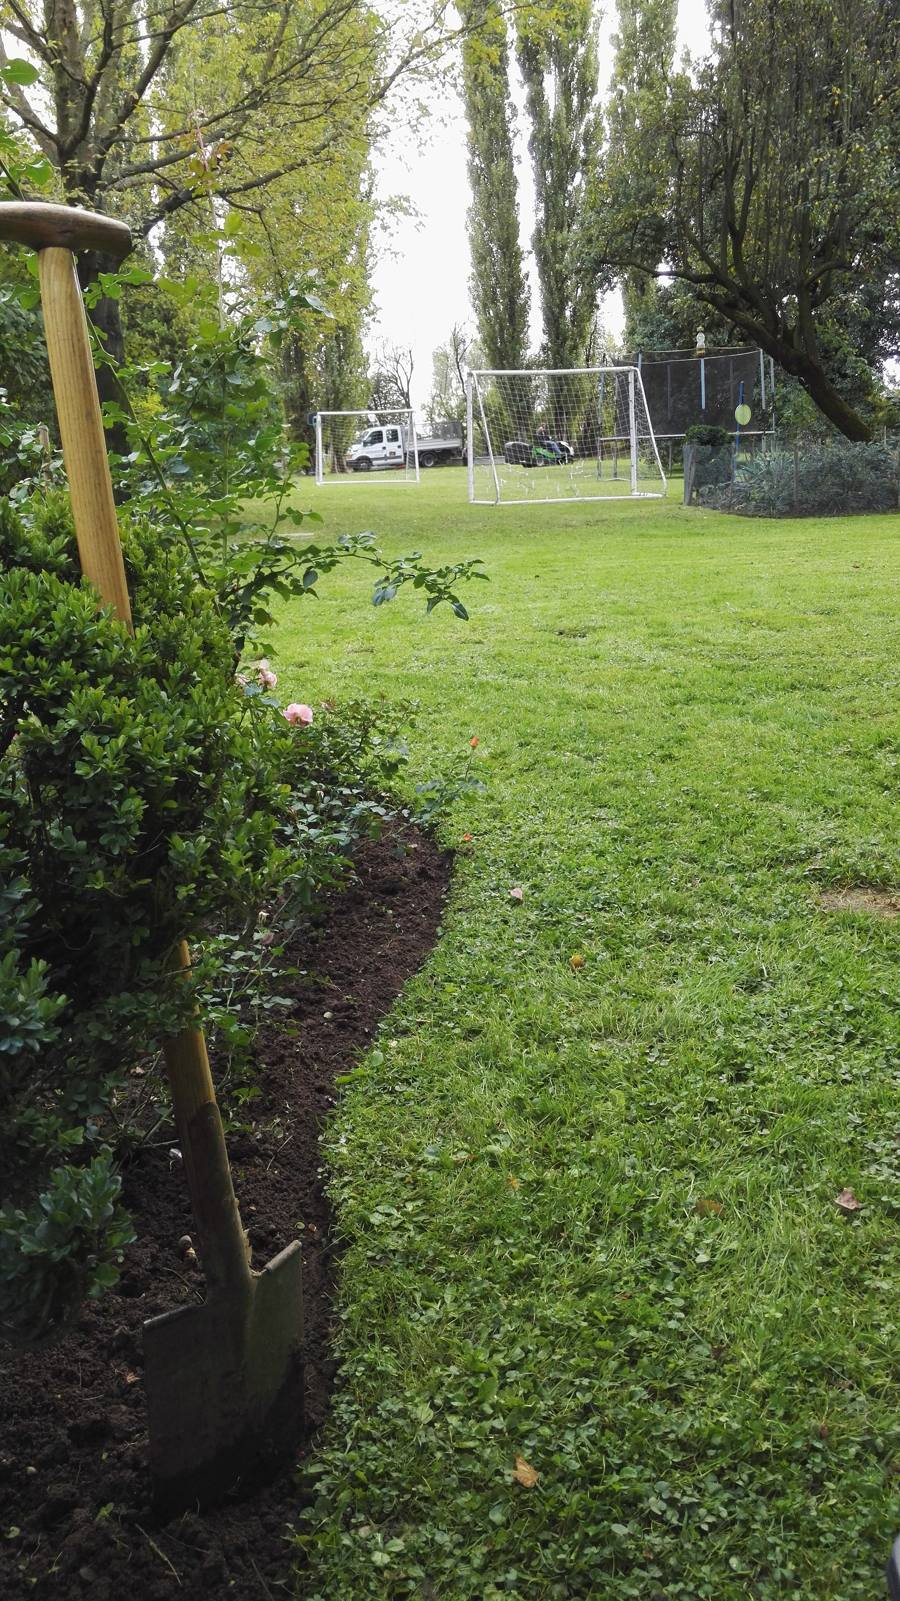 Manutenzione di giardini privati e condominiali - Foto di giardini privati ...